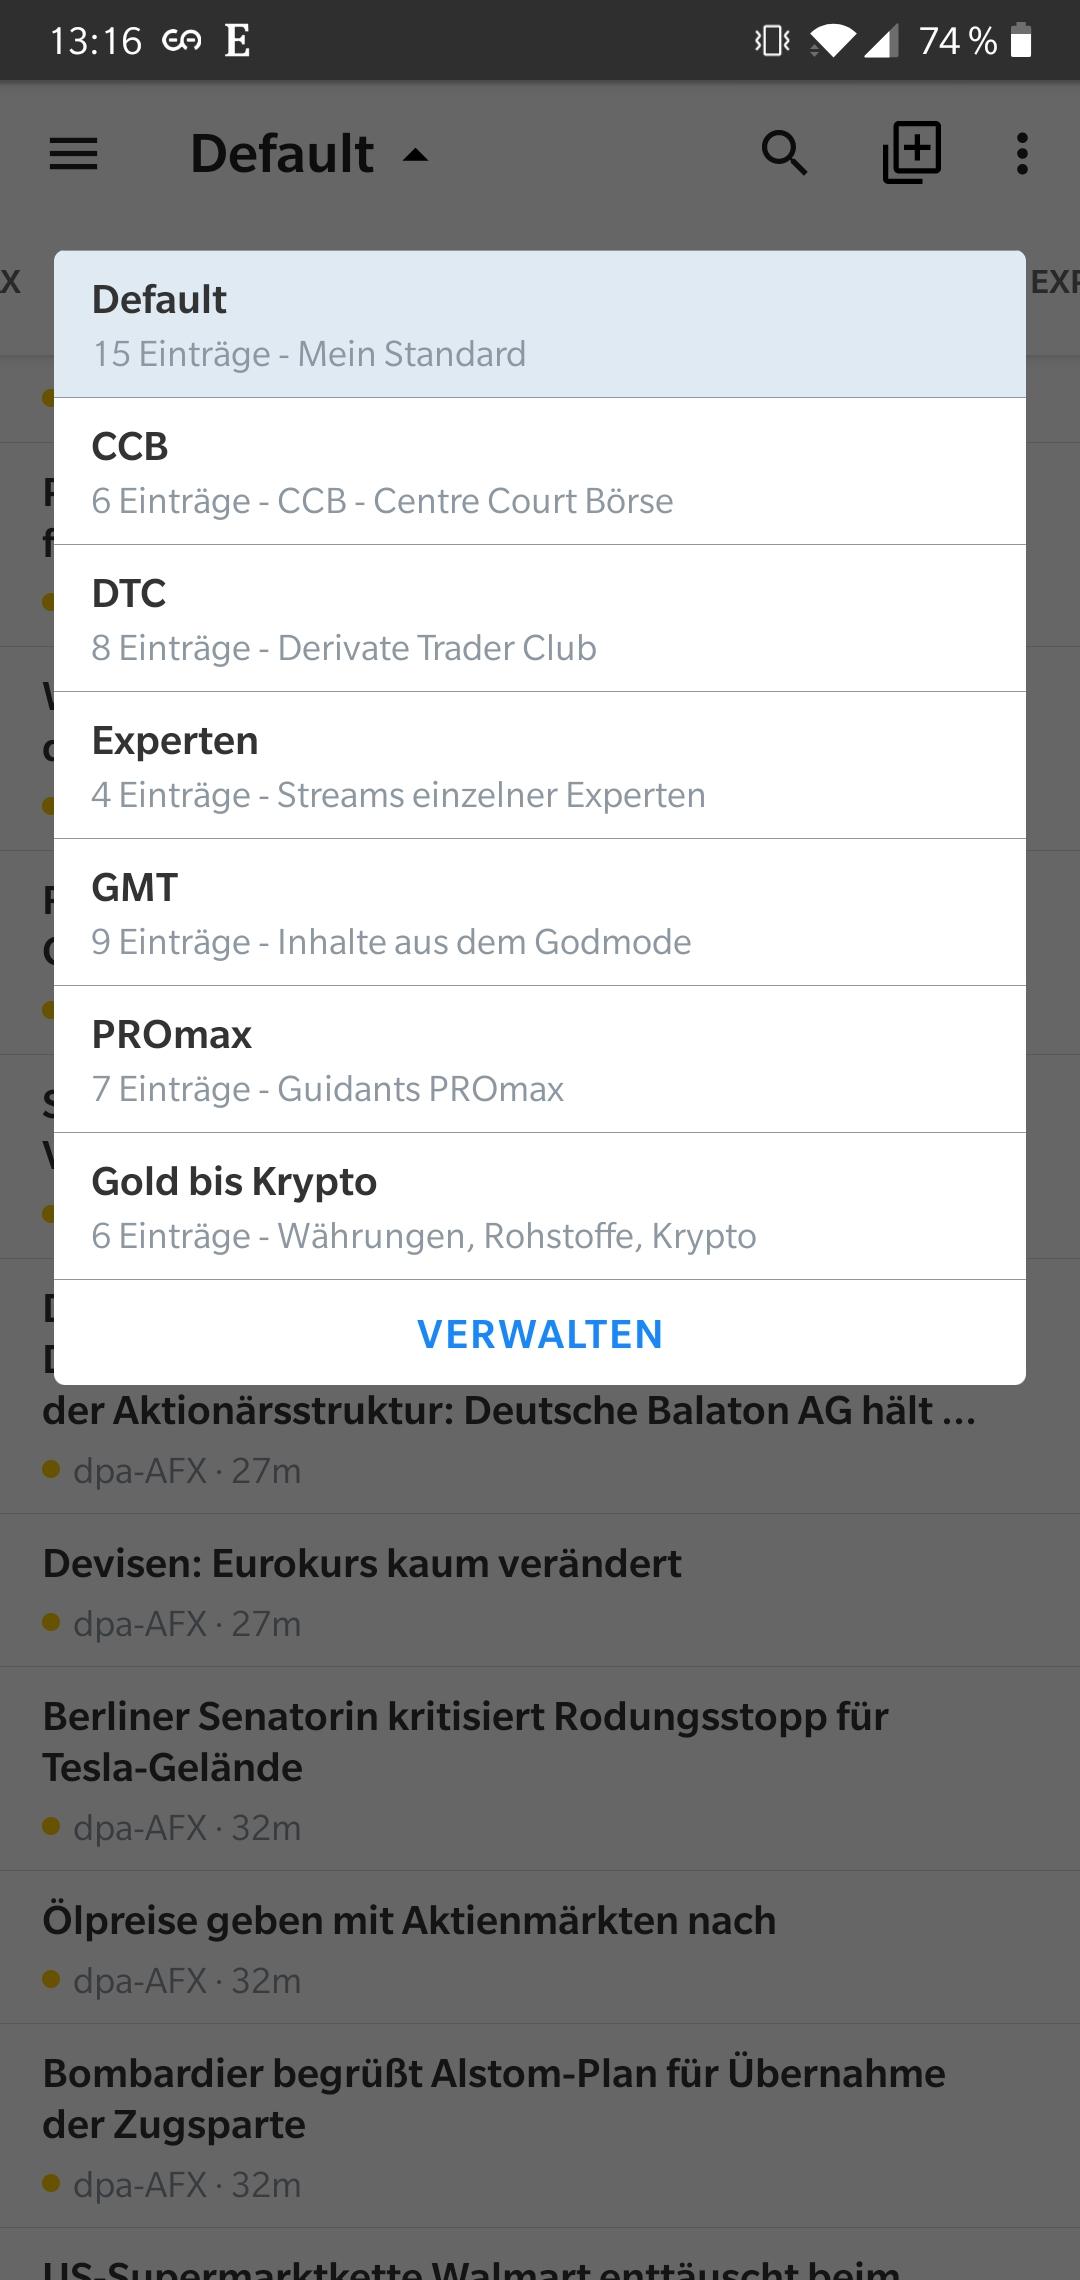 Guidants-App-So-richtet-man-sich-ein-Godmode-Dashboard-ein-Daniel-Kühn-GodmodeTrader.de-1